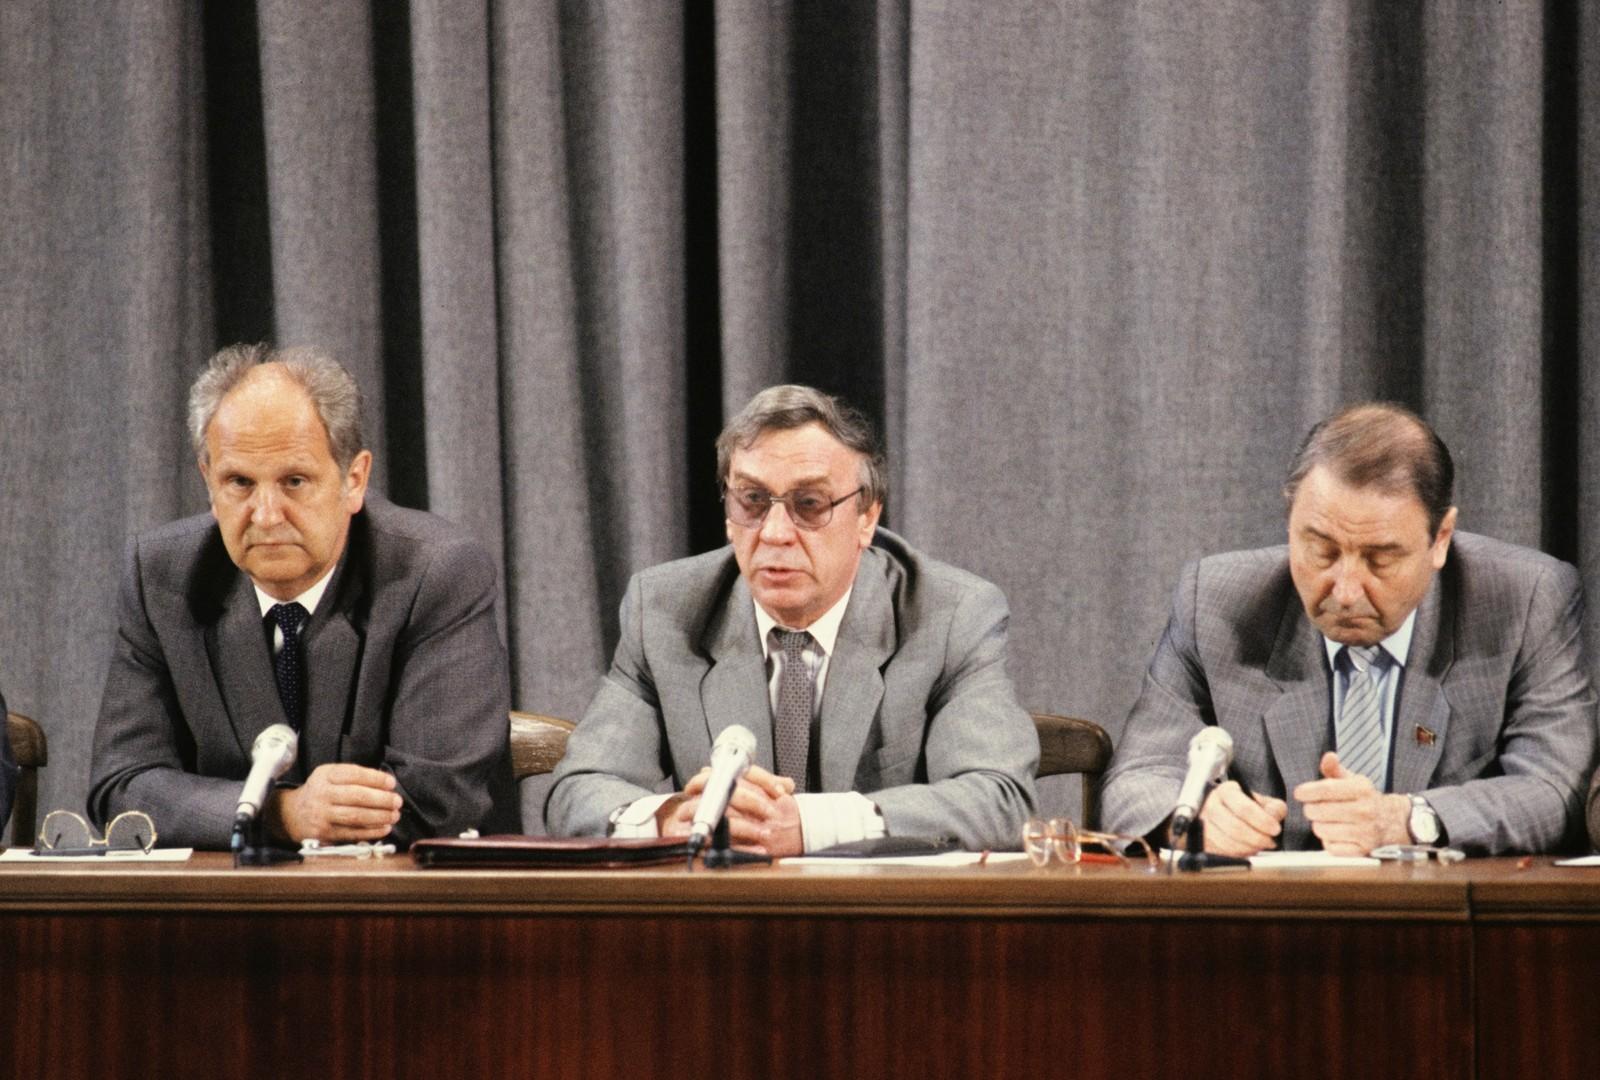 Mitglieder des Komitees für Ausnahmezustand, das am 19. August 1991 den Präsidenten der UdSSR Michail Gorbatschow für abgesetzt erklärten.